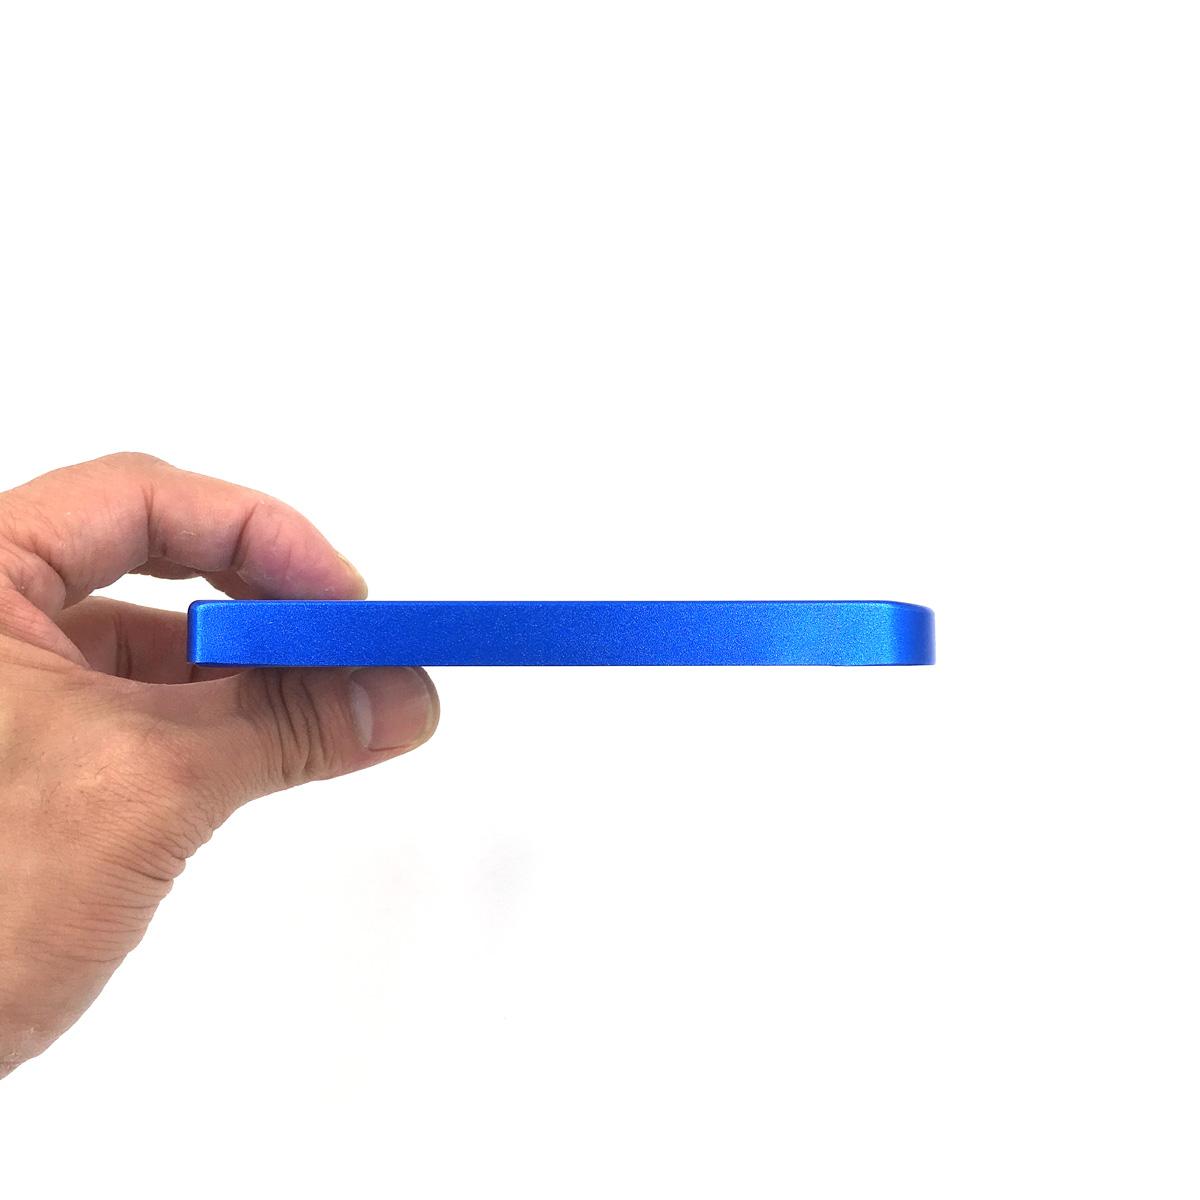 Die post echte Seagate novostar güter USB2.02.5 zentimeter Absatz 3 generationen farbe dünn 60gb festplatte